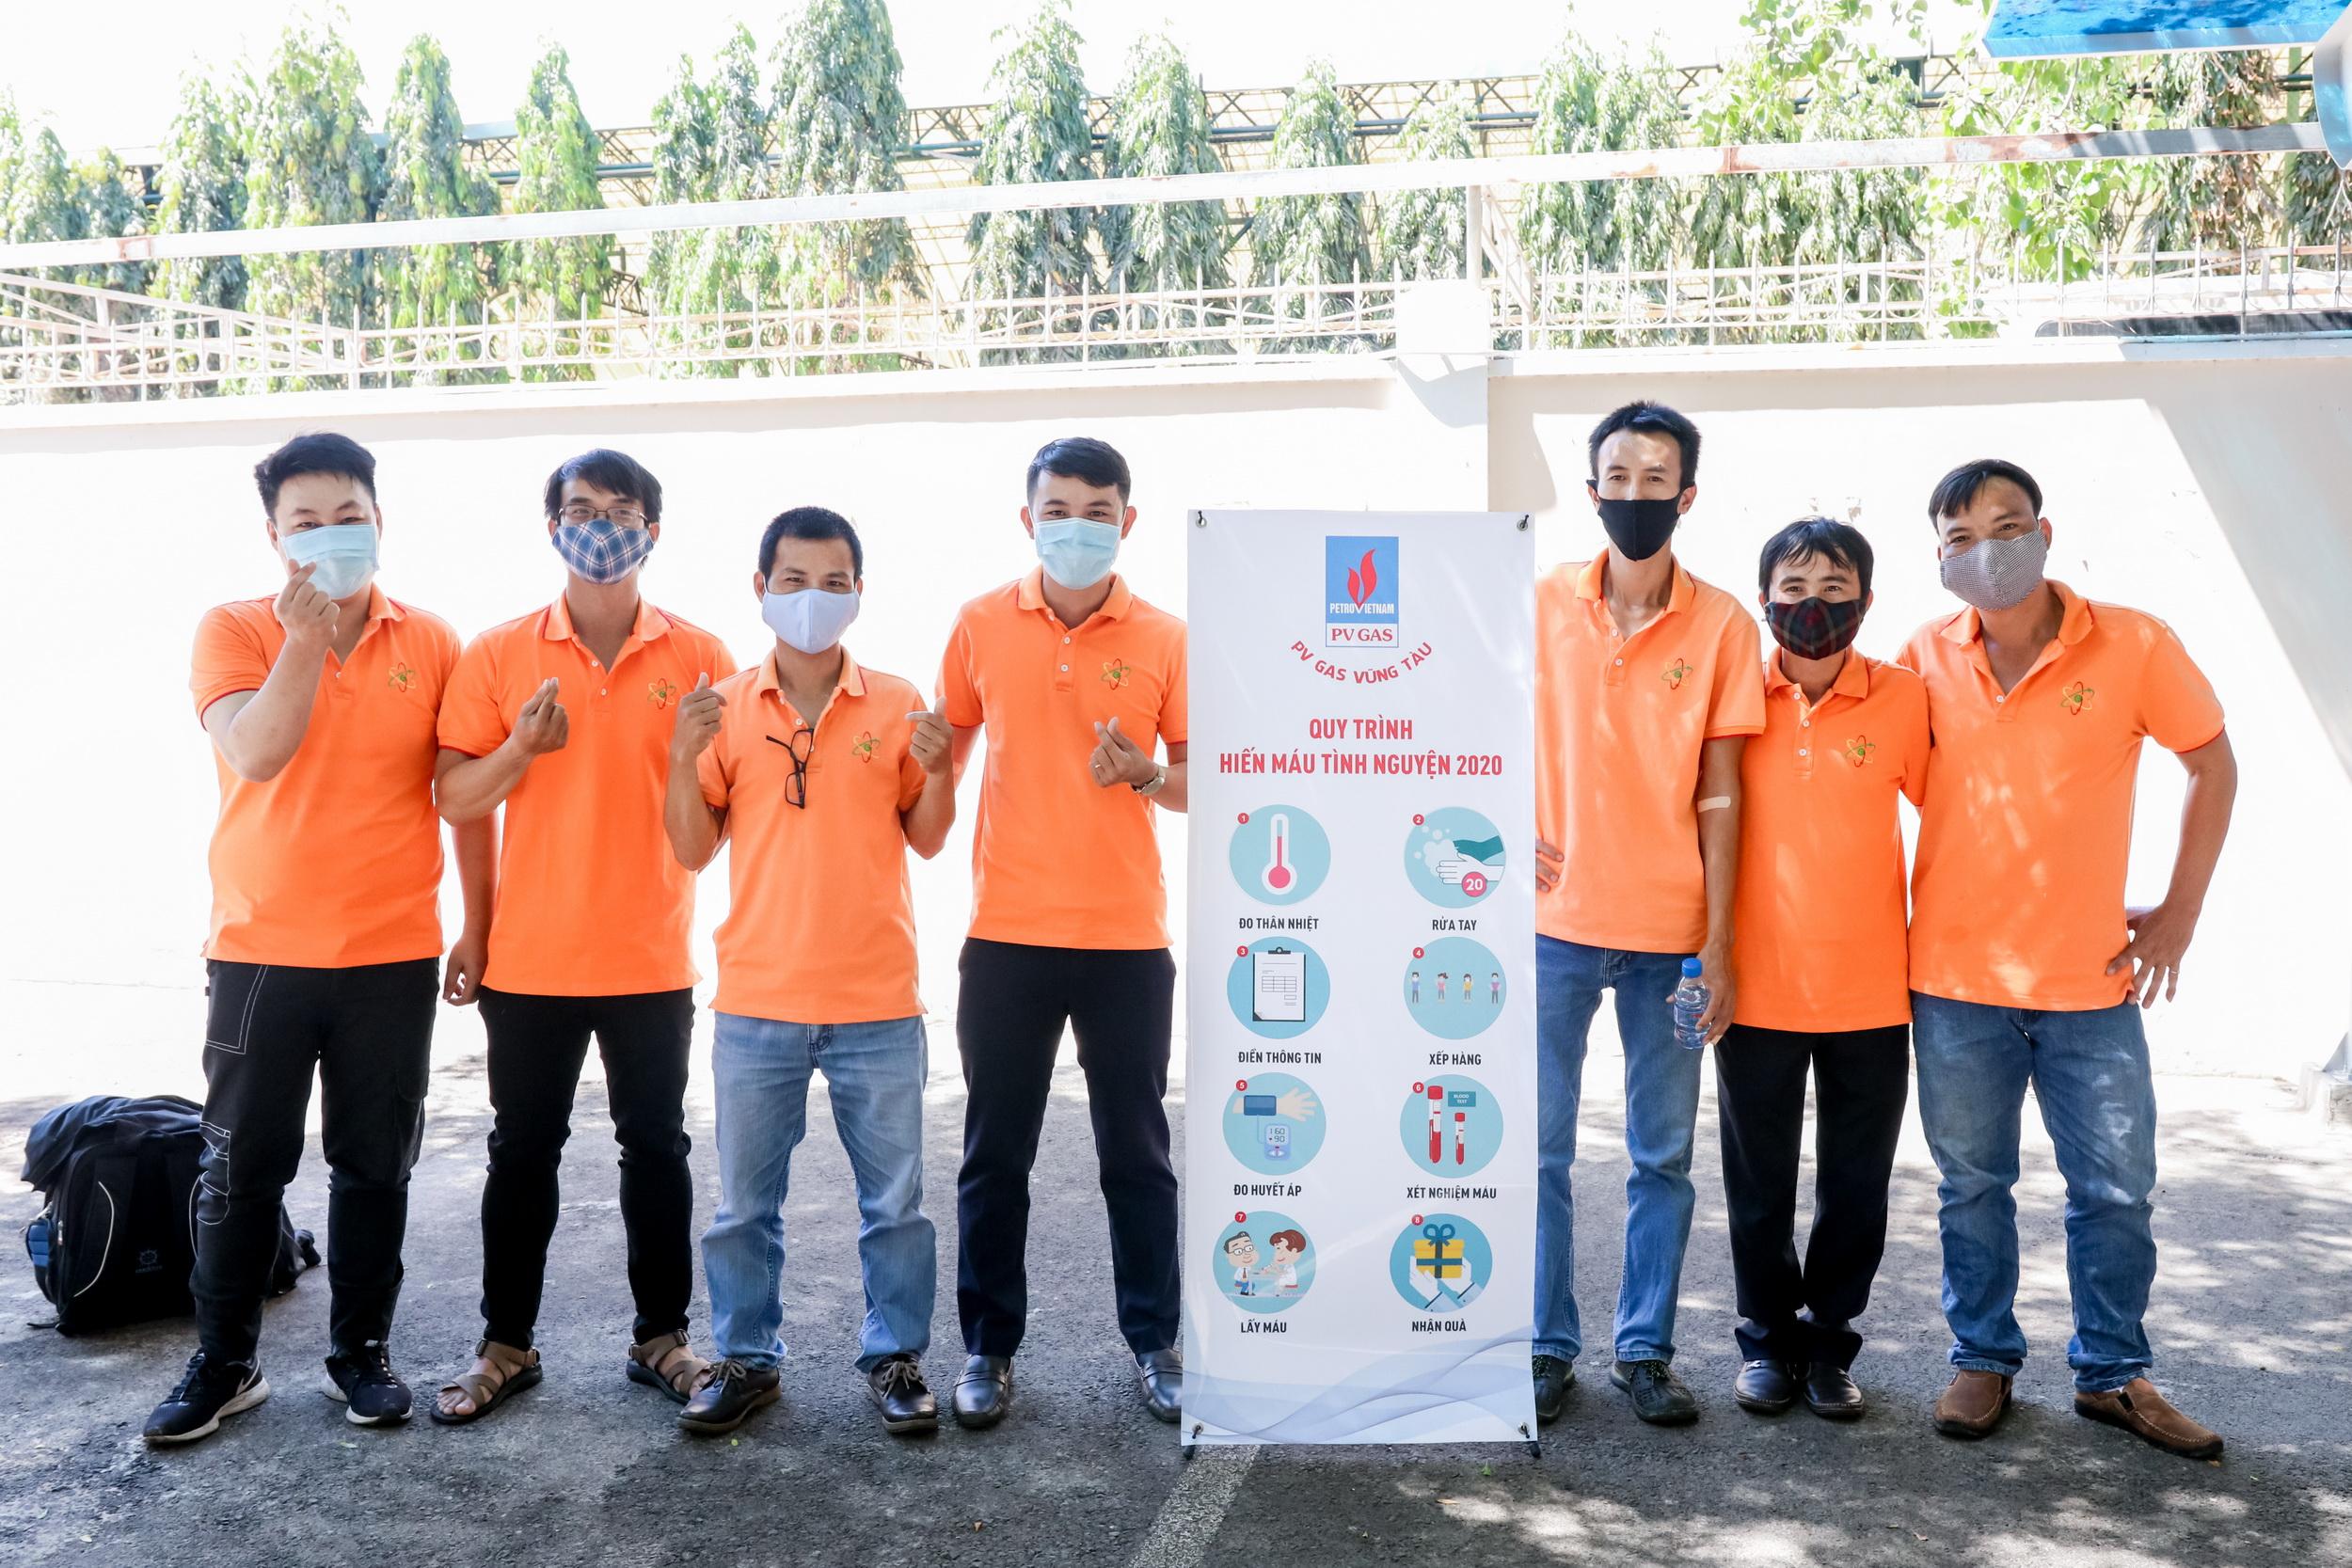 KVT tổ chức chương trình Hiến máu nhân đạo, thực hiện đúng yêu cầu phòng chống dịch bệnh